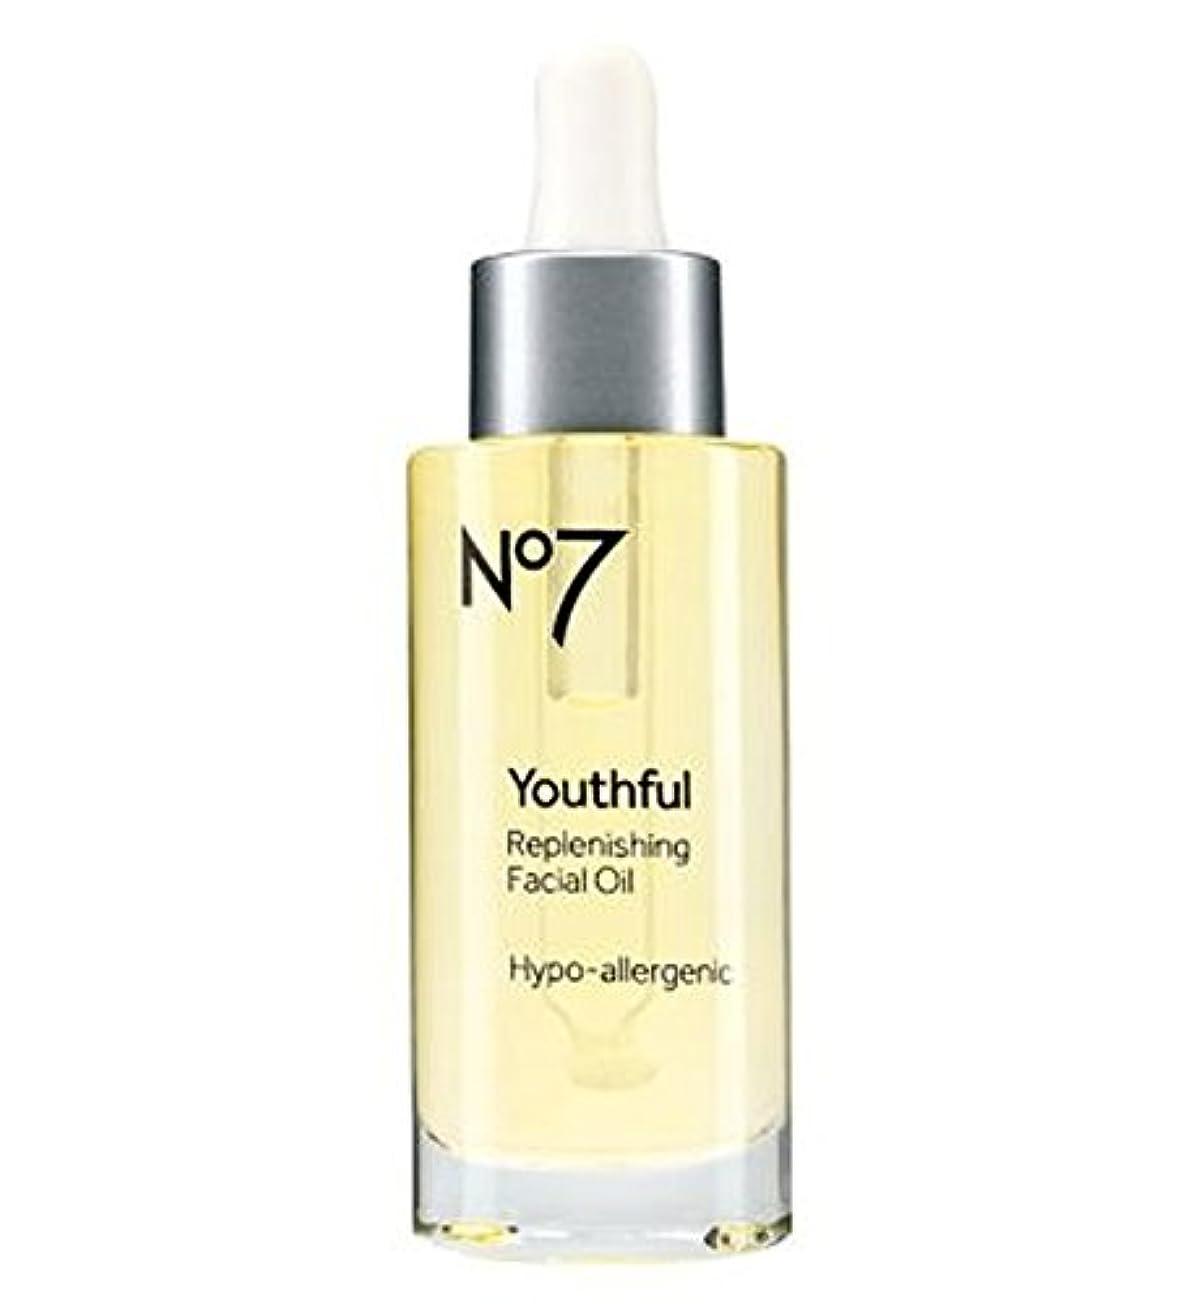 フェリー古風な冷蔵するNo7若々しい補給フェイシャルオイル30ミリリットル (No7) (x2) - No7 Youthful Replenishing Facial Oil 30ml (Pack of 2) [並行輸入品]